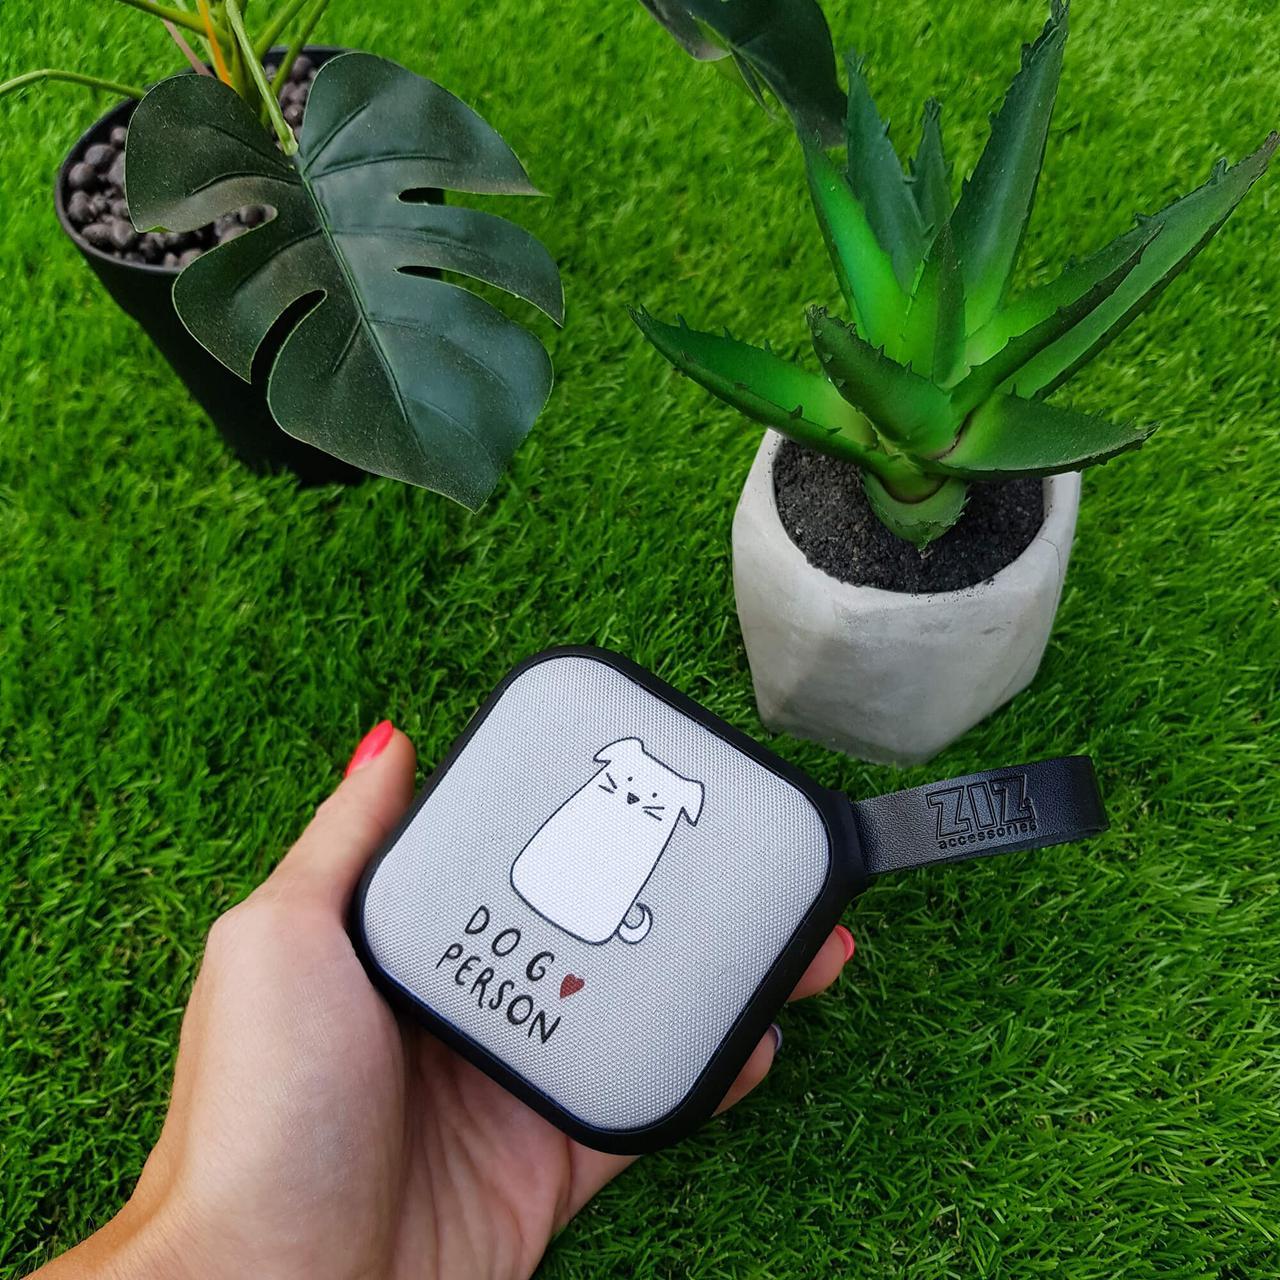 Портативная Bluetooth колонка ZIZ Я собачник, переносная блютуз колонка беспроводная блютус акустика